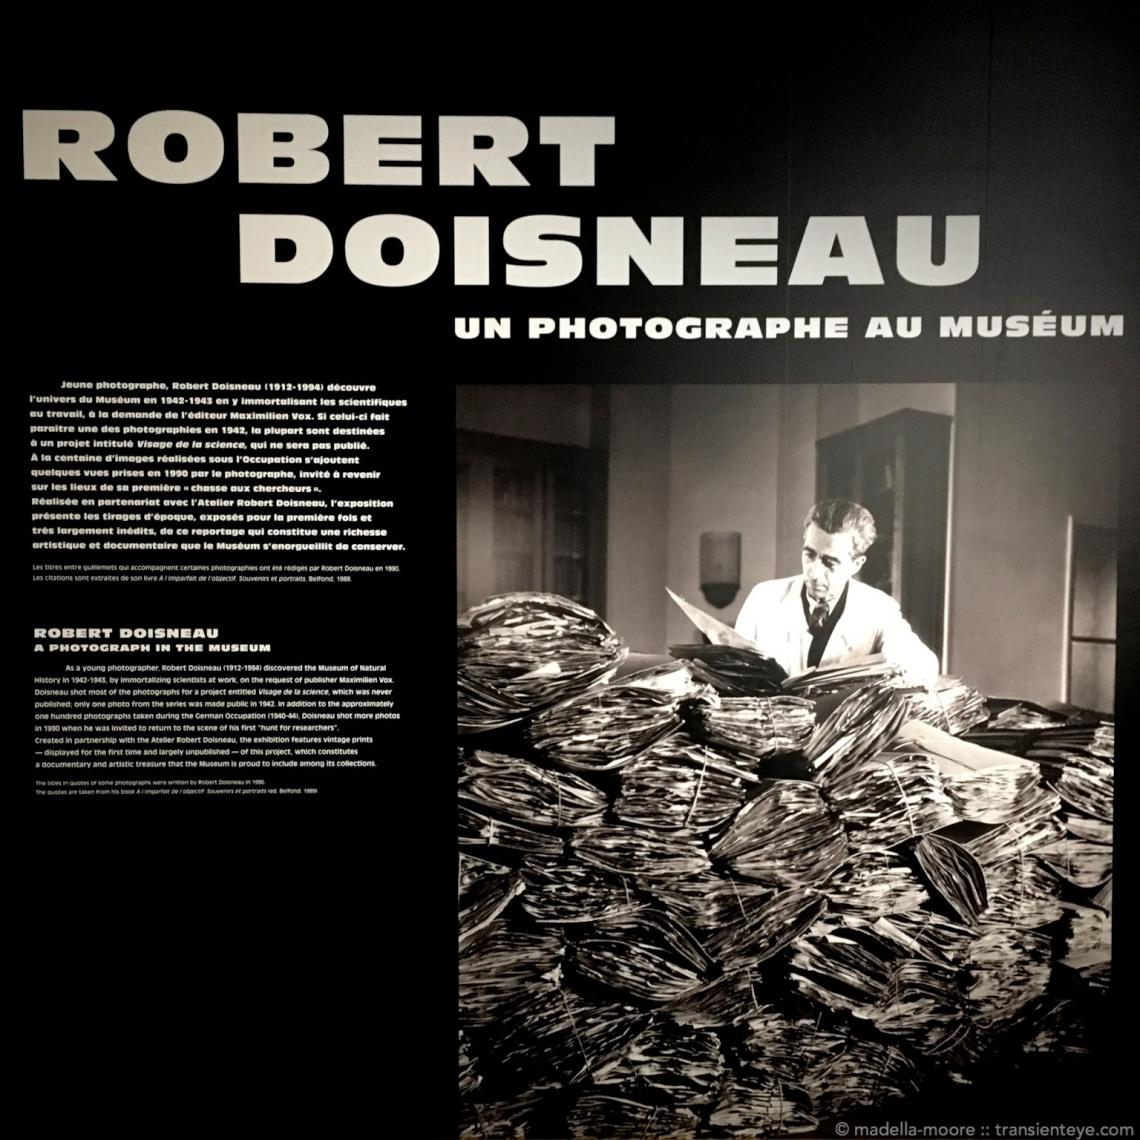 Robert Doisneau at the Grande Galerie de l'Évolution, Paris.